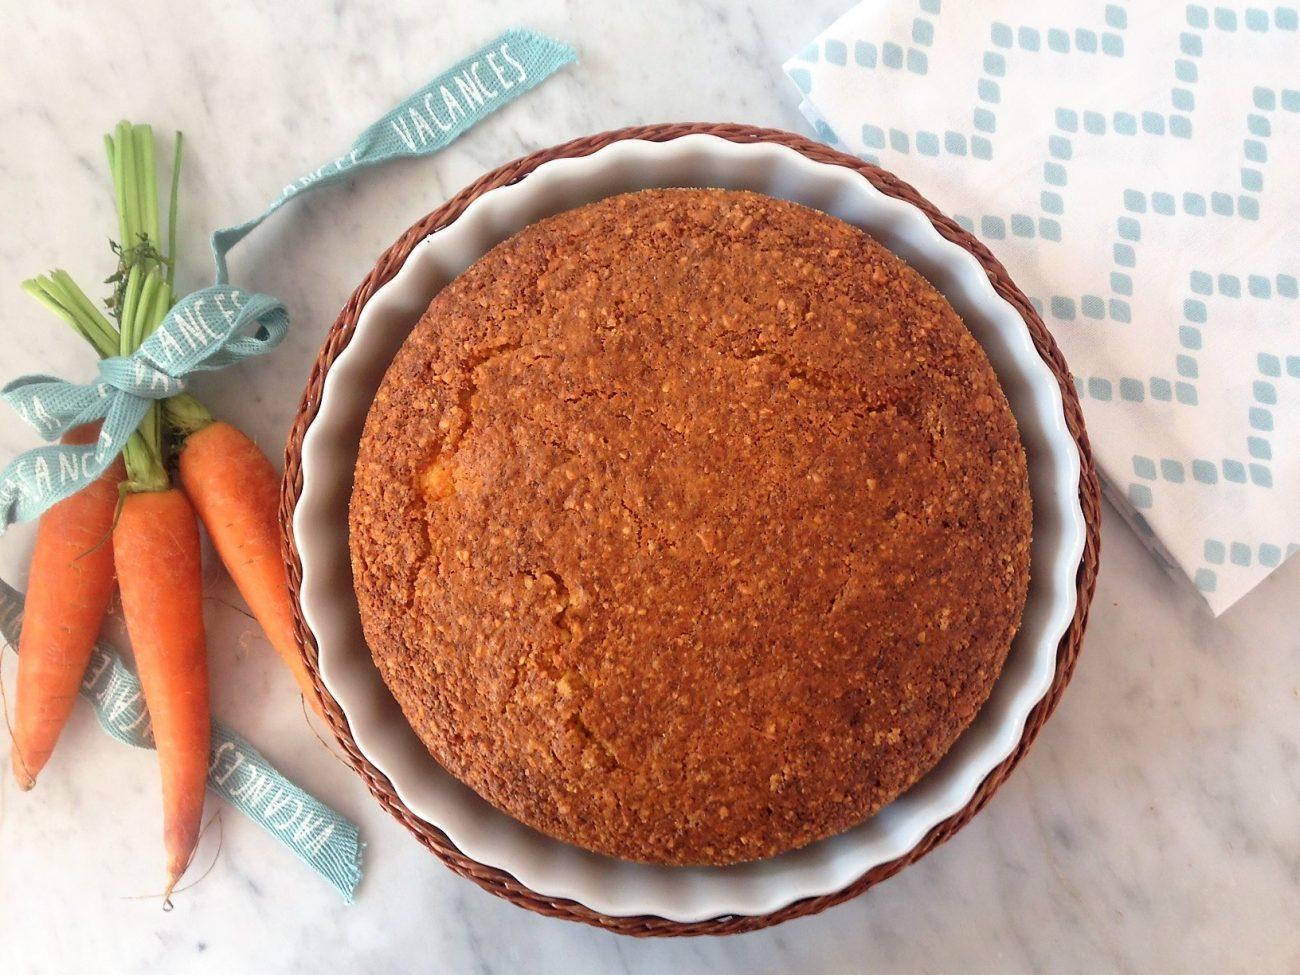 Torta Camilla con carote, mandorle e nocciole